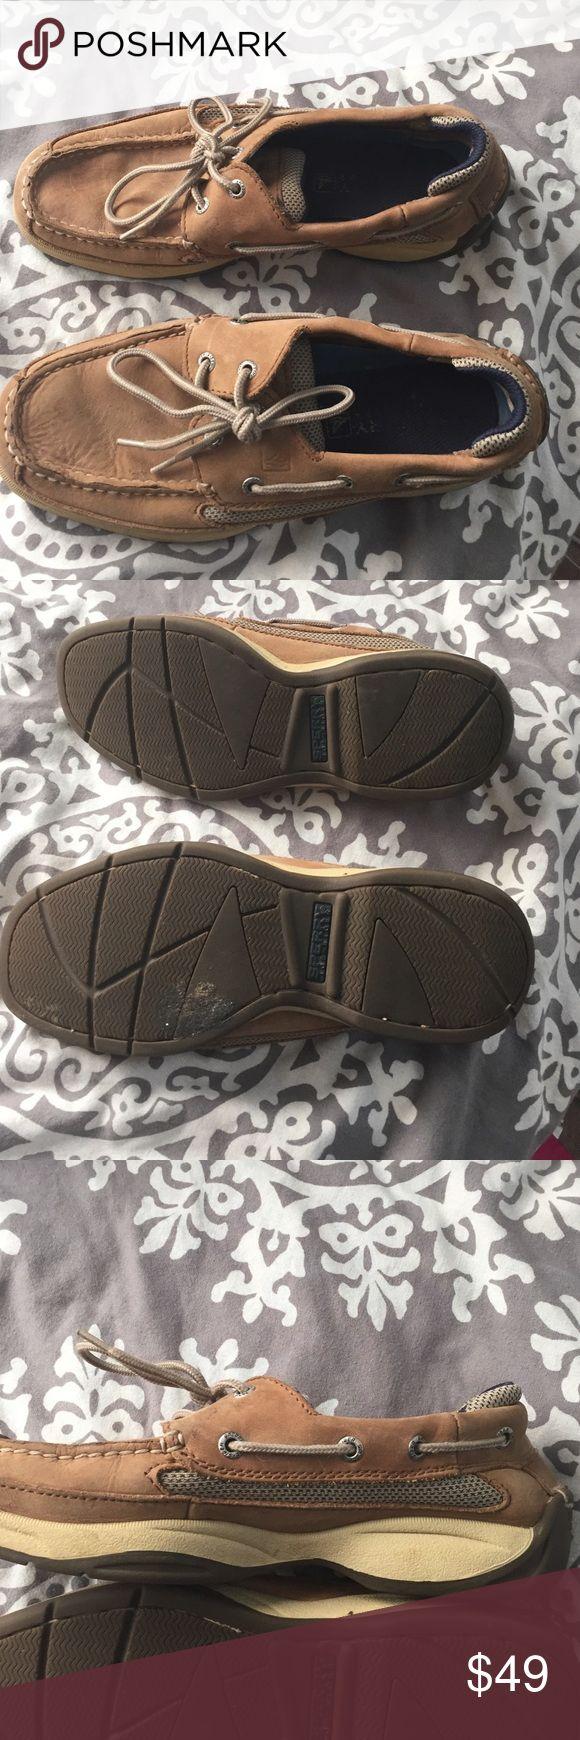 Men's Sperry Top Sider Men's size 8M SPERRY TOP SIDER very good condition Sperry Top-Sider Shoes